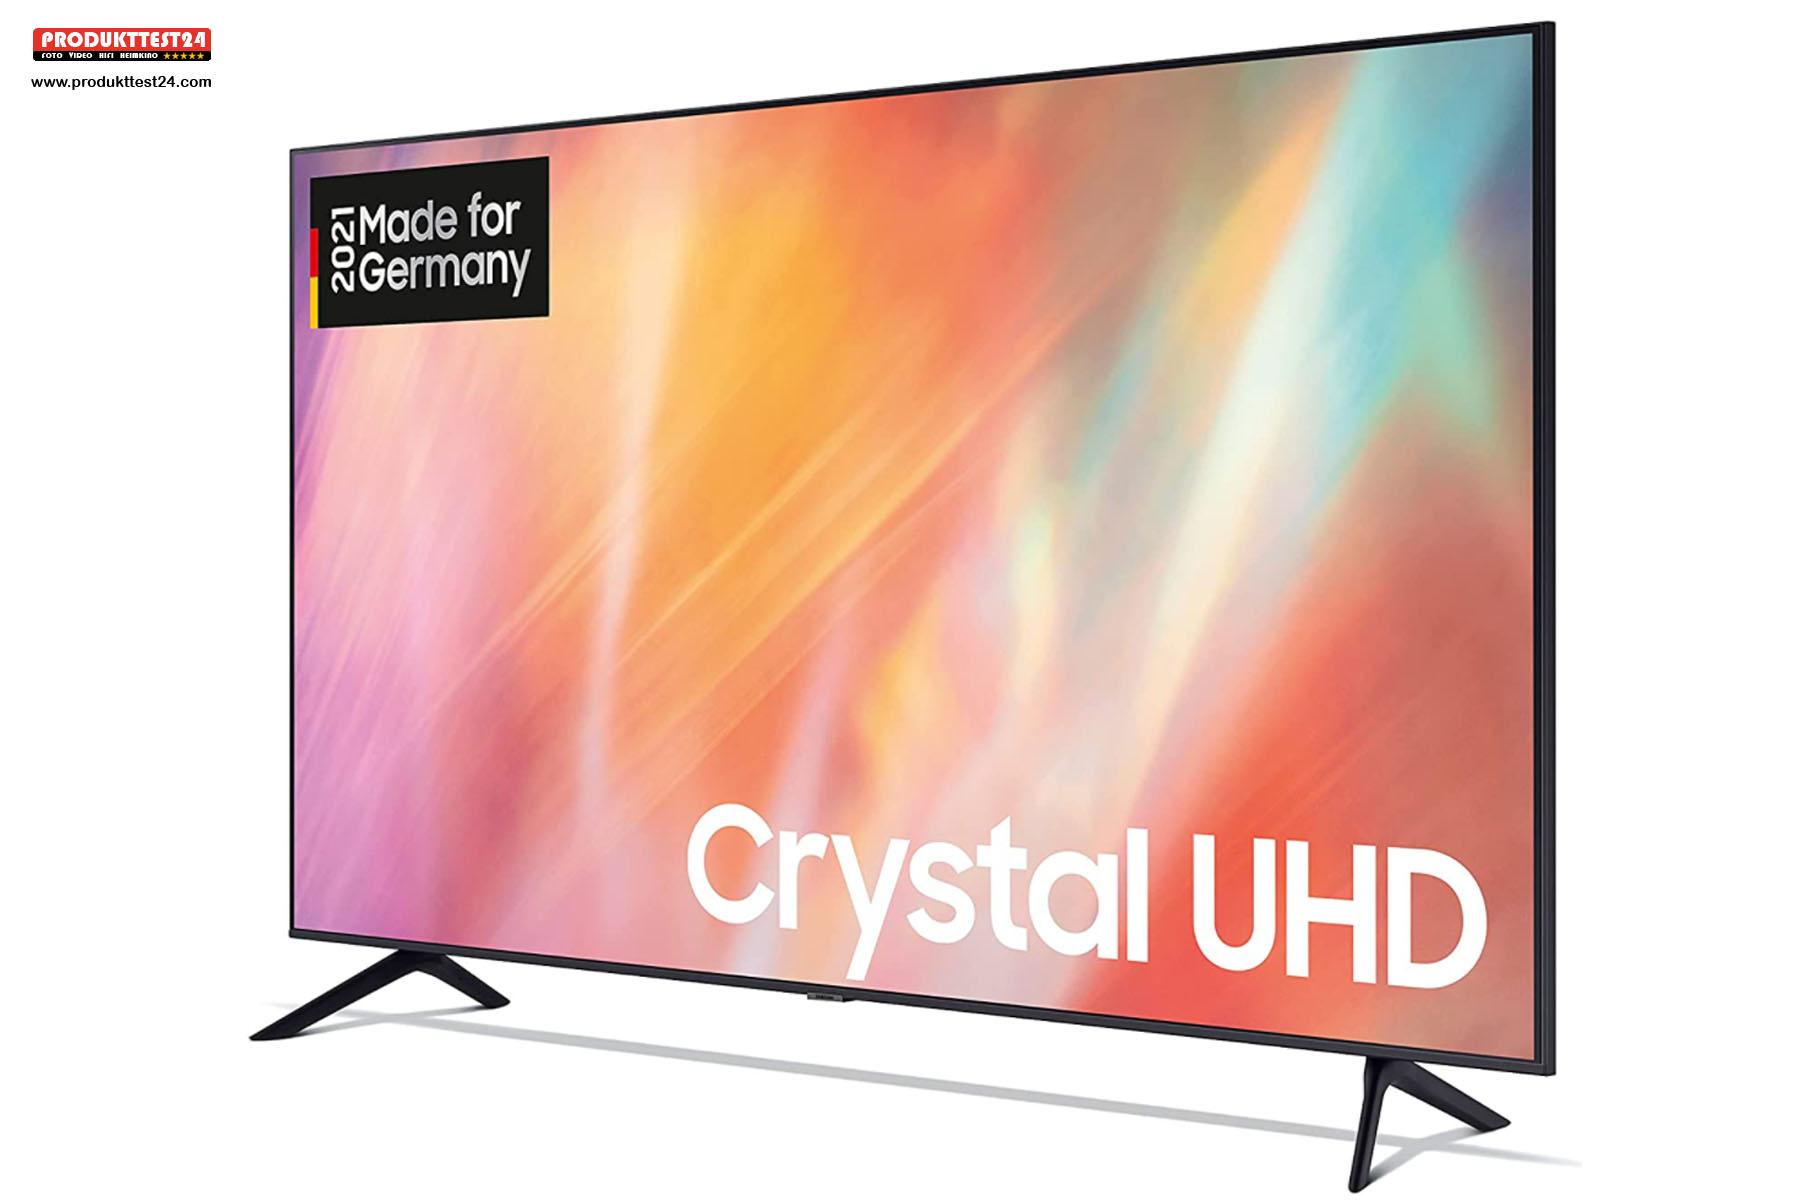 Das riesige 75 Zoll 4K-Display mit HDR-Unterstützung.